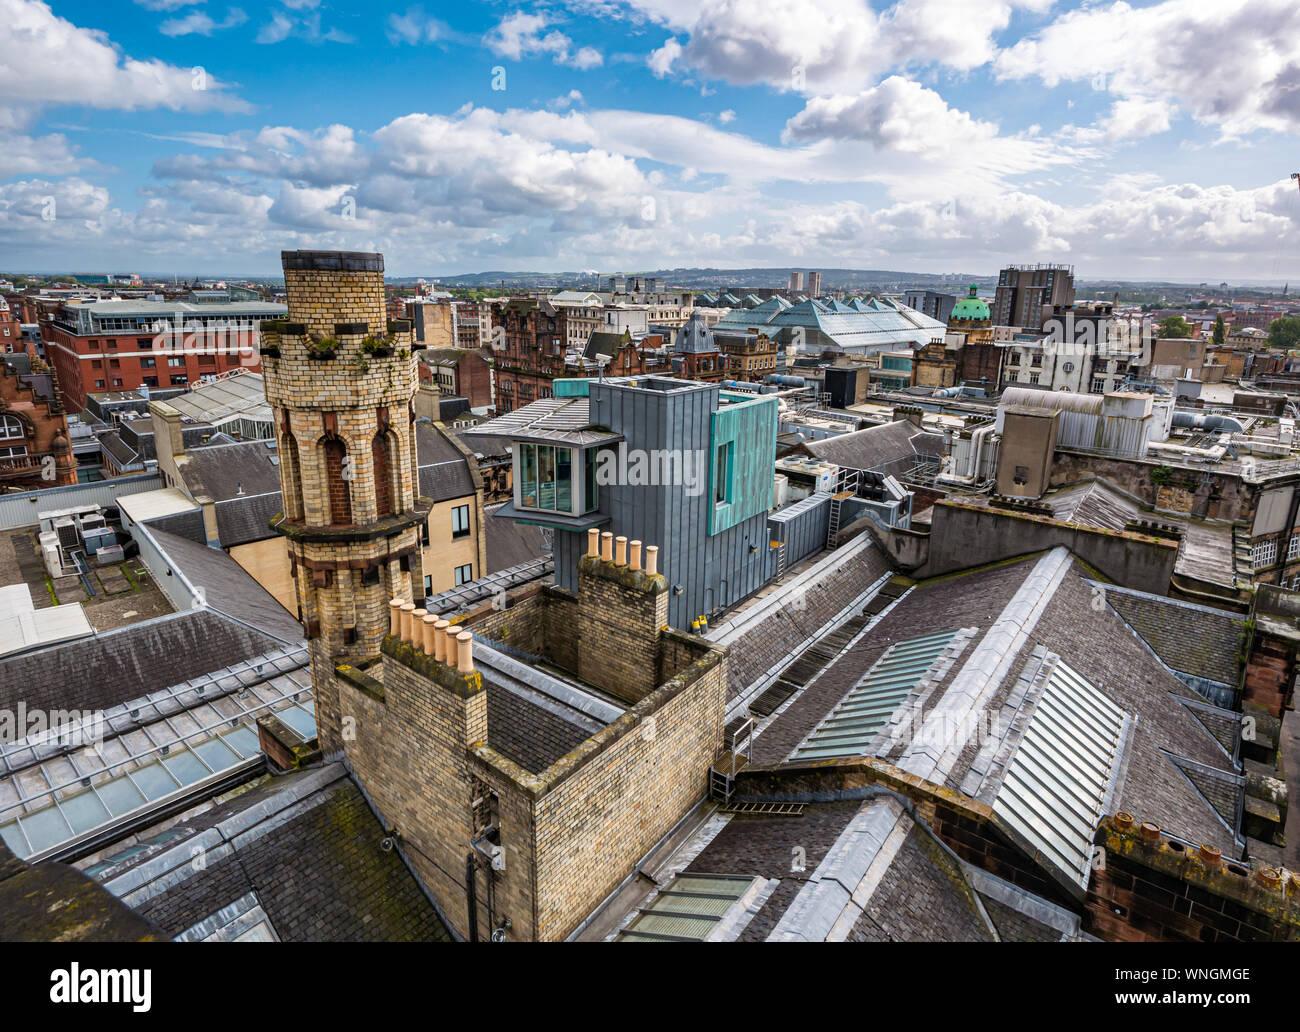 Vue sur la ville et l'ancien bâtiment, le Glasgow Herald, sur le toit de la tour Phare, Glasgow, Écosse, Royaume-Uni Banque D'Images